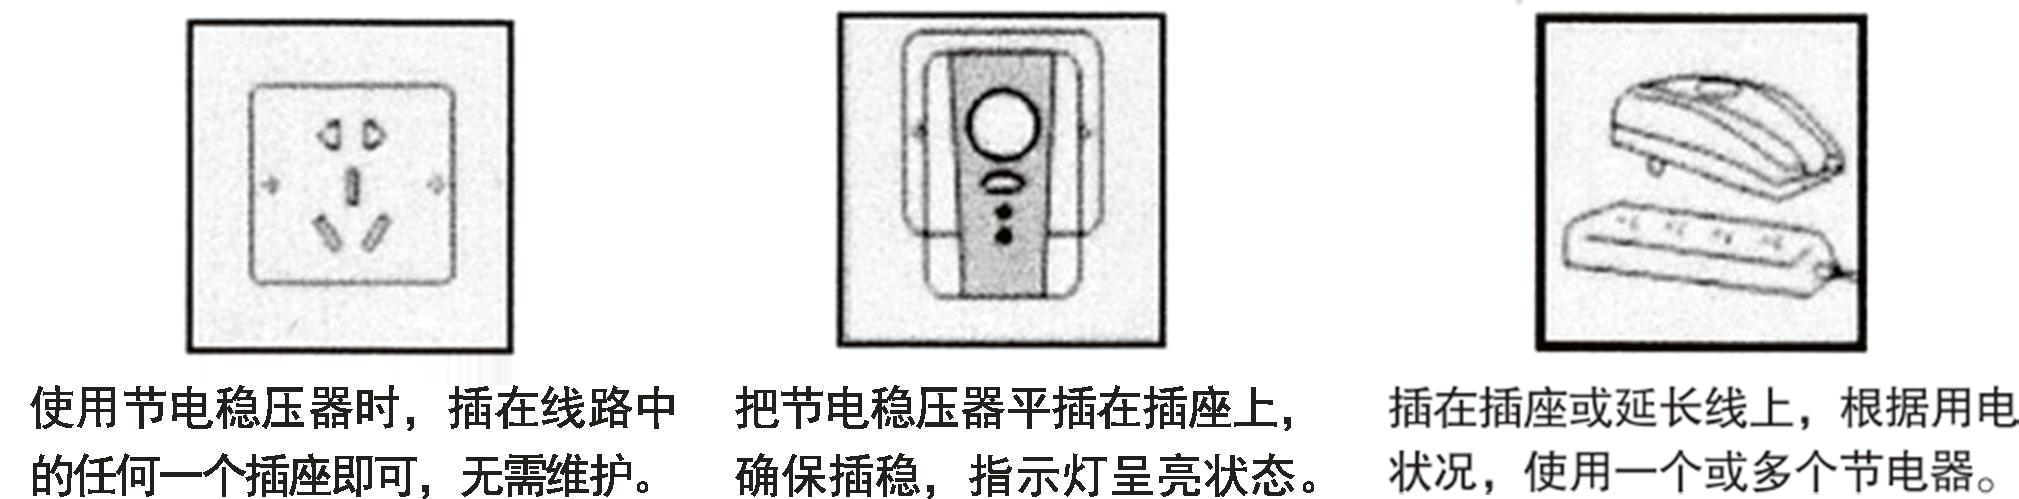 智能节电稳压器